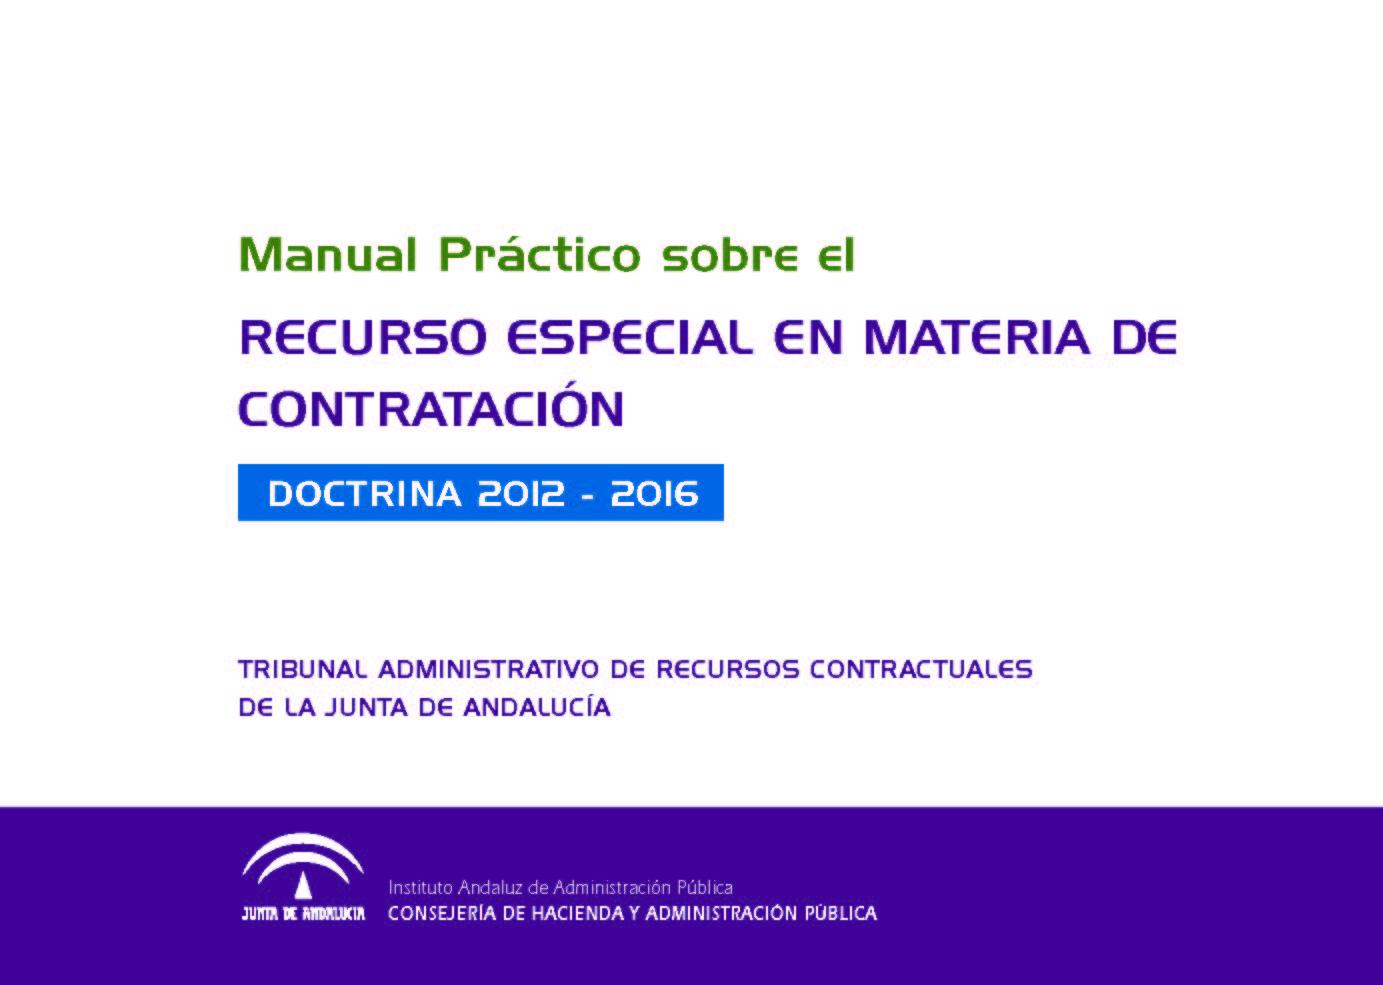 MANUAL PRÁCTICO SOBRE EL RECURSO ESPECIAL EN MATERIA DE CONTRATACIÓN. DOCTRINA 2012-2016